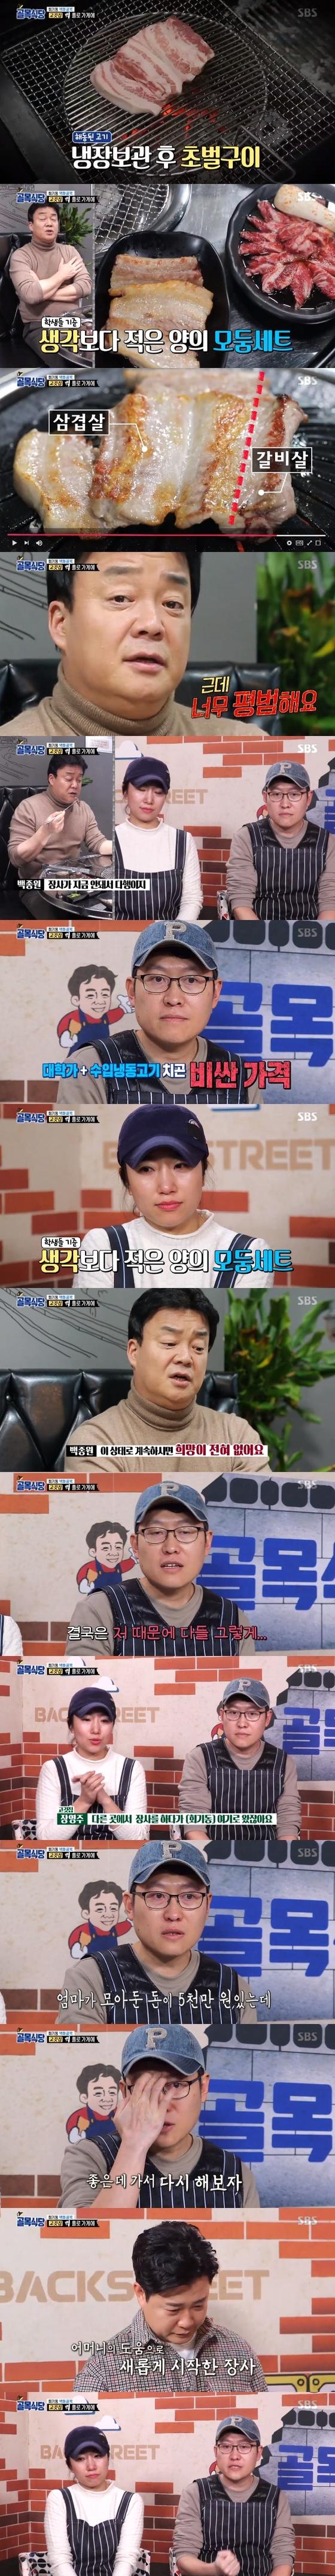 '골목식당' 첫 고깃집 출연에 백종원 혹평&김성주 눈물(종합)